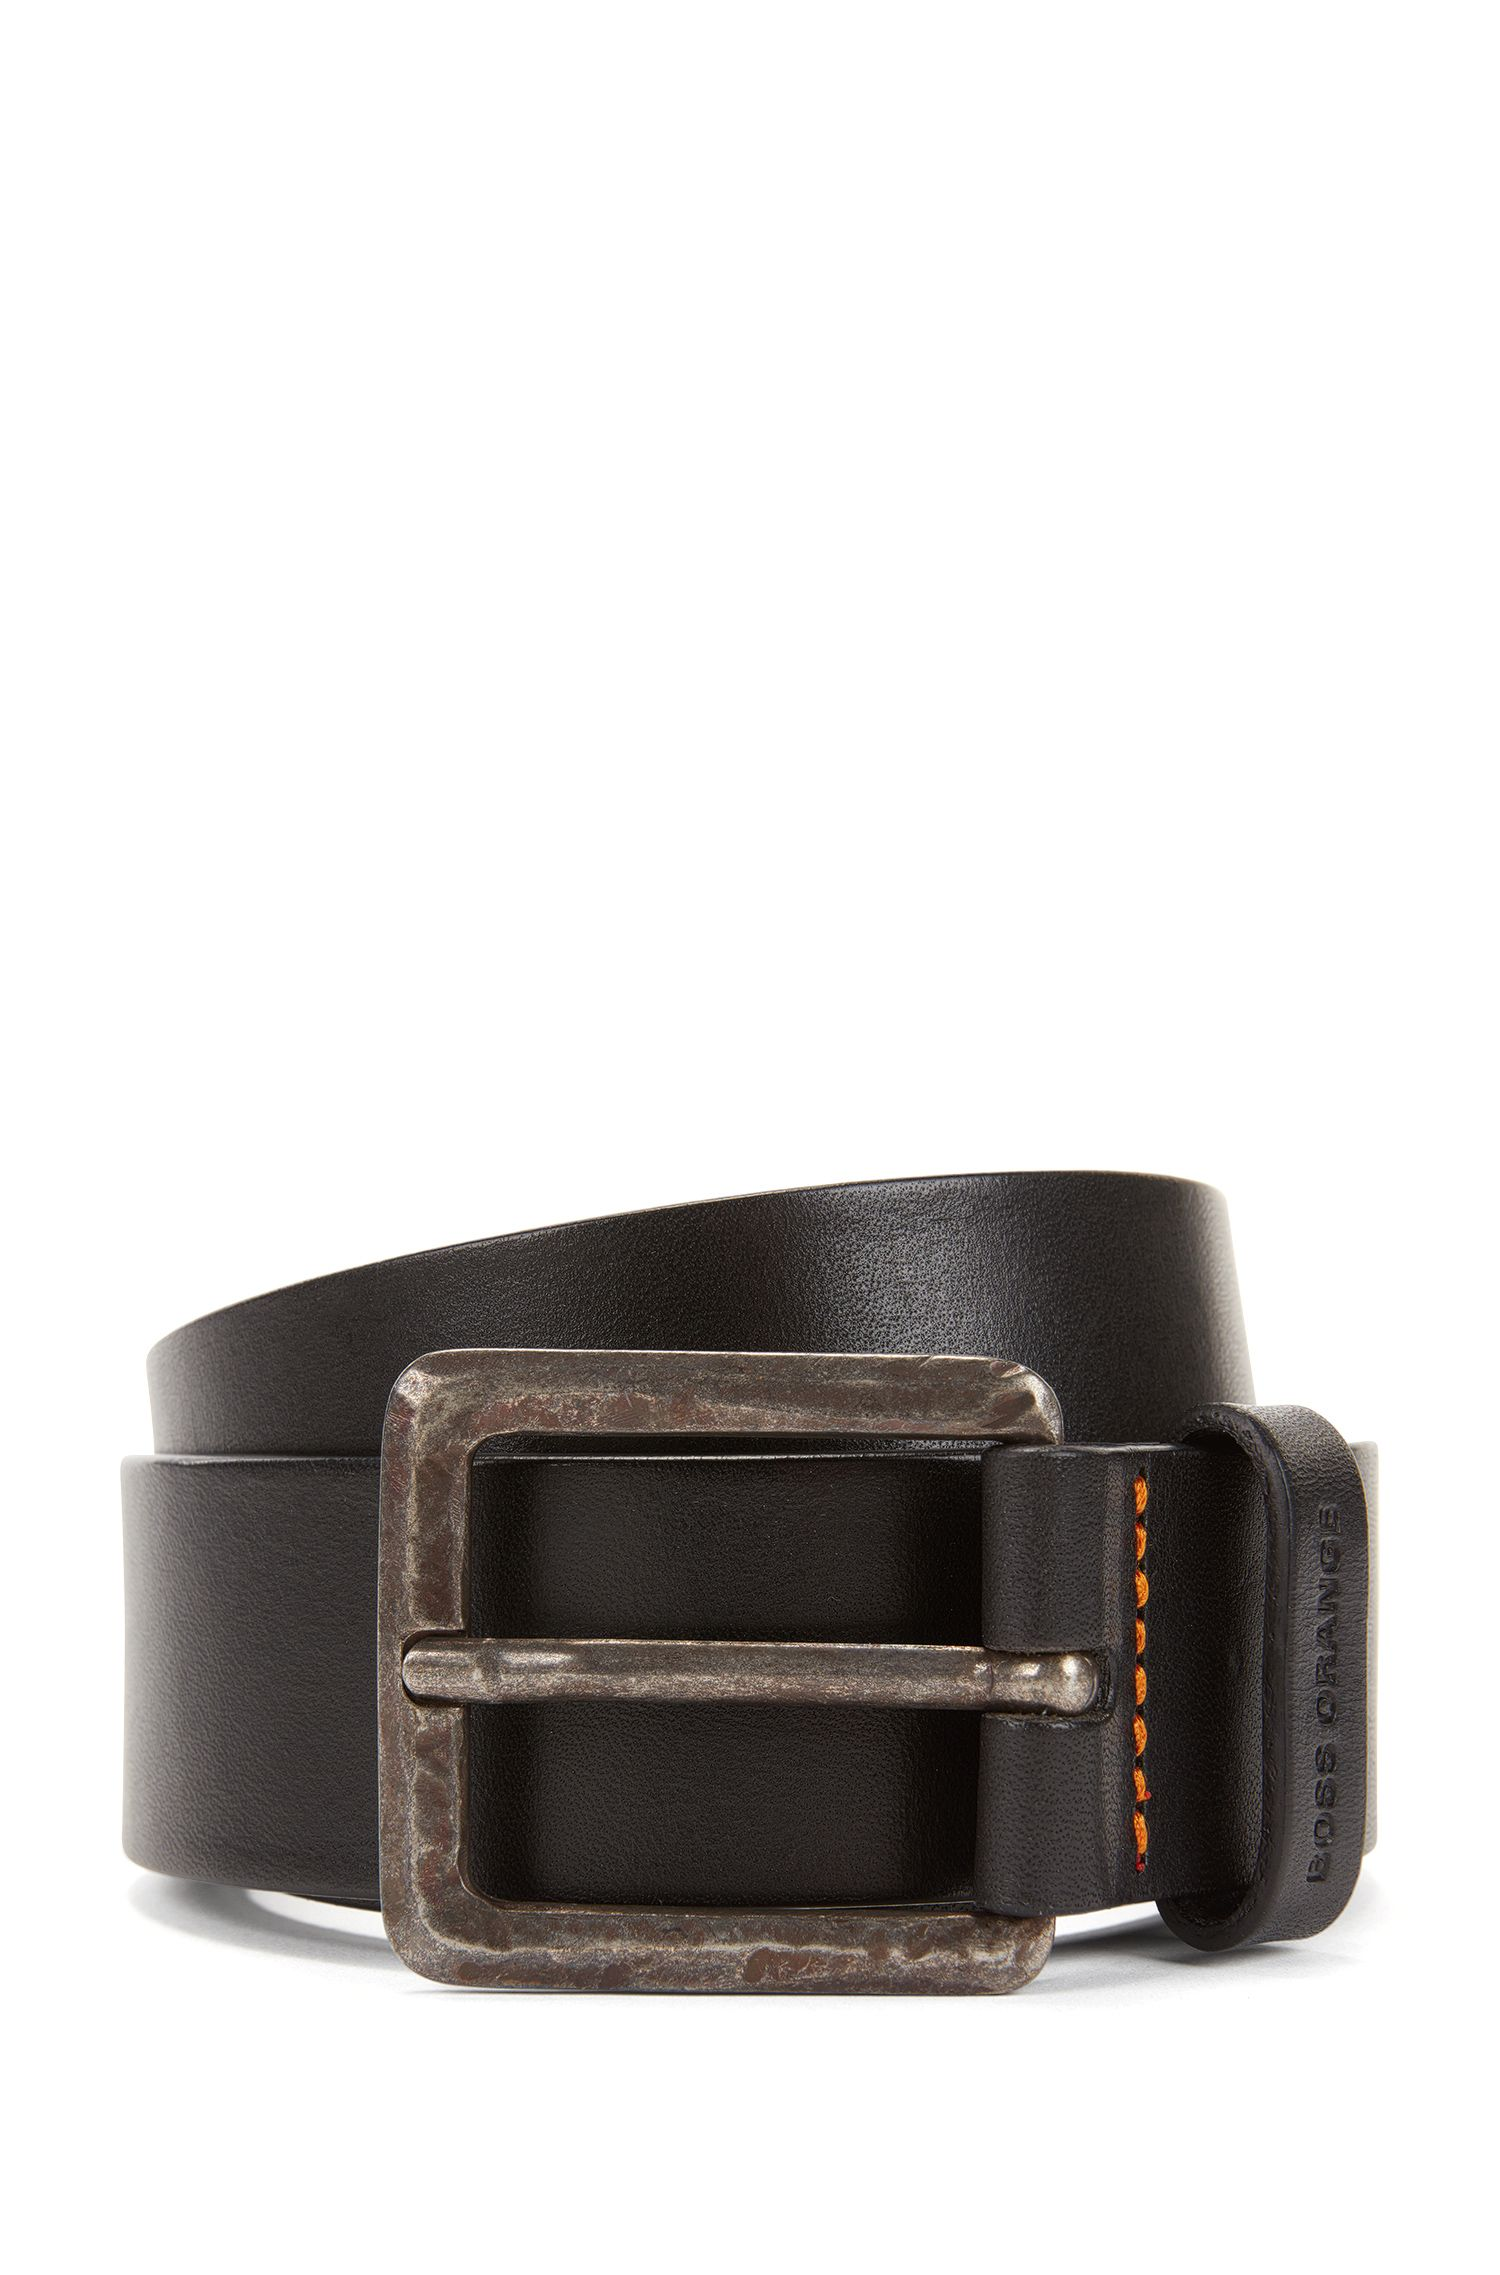 Cinturón de piel con microperforado